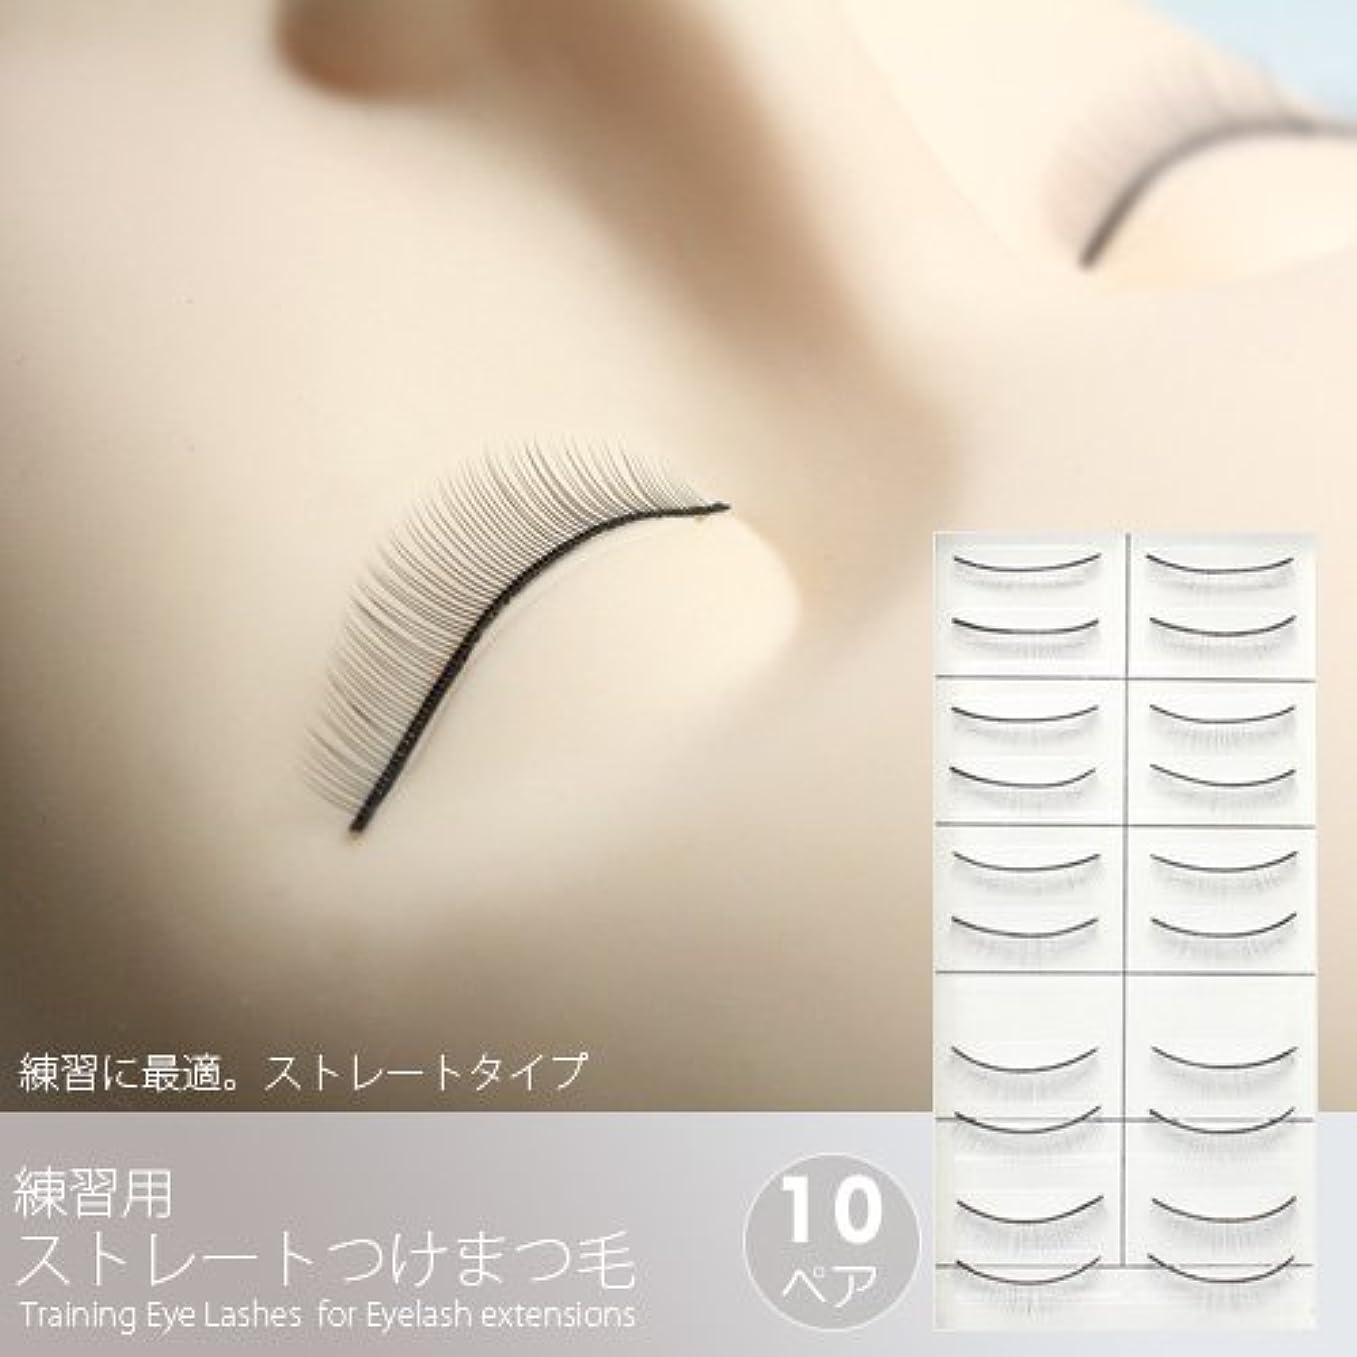 大騒ぎ提案する公練習用ストレートつけまつげ(10ペア)[Training Eye Lashes ]/まつ毛エクステ商材